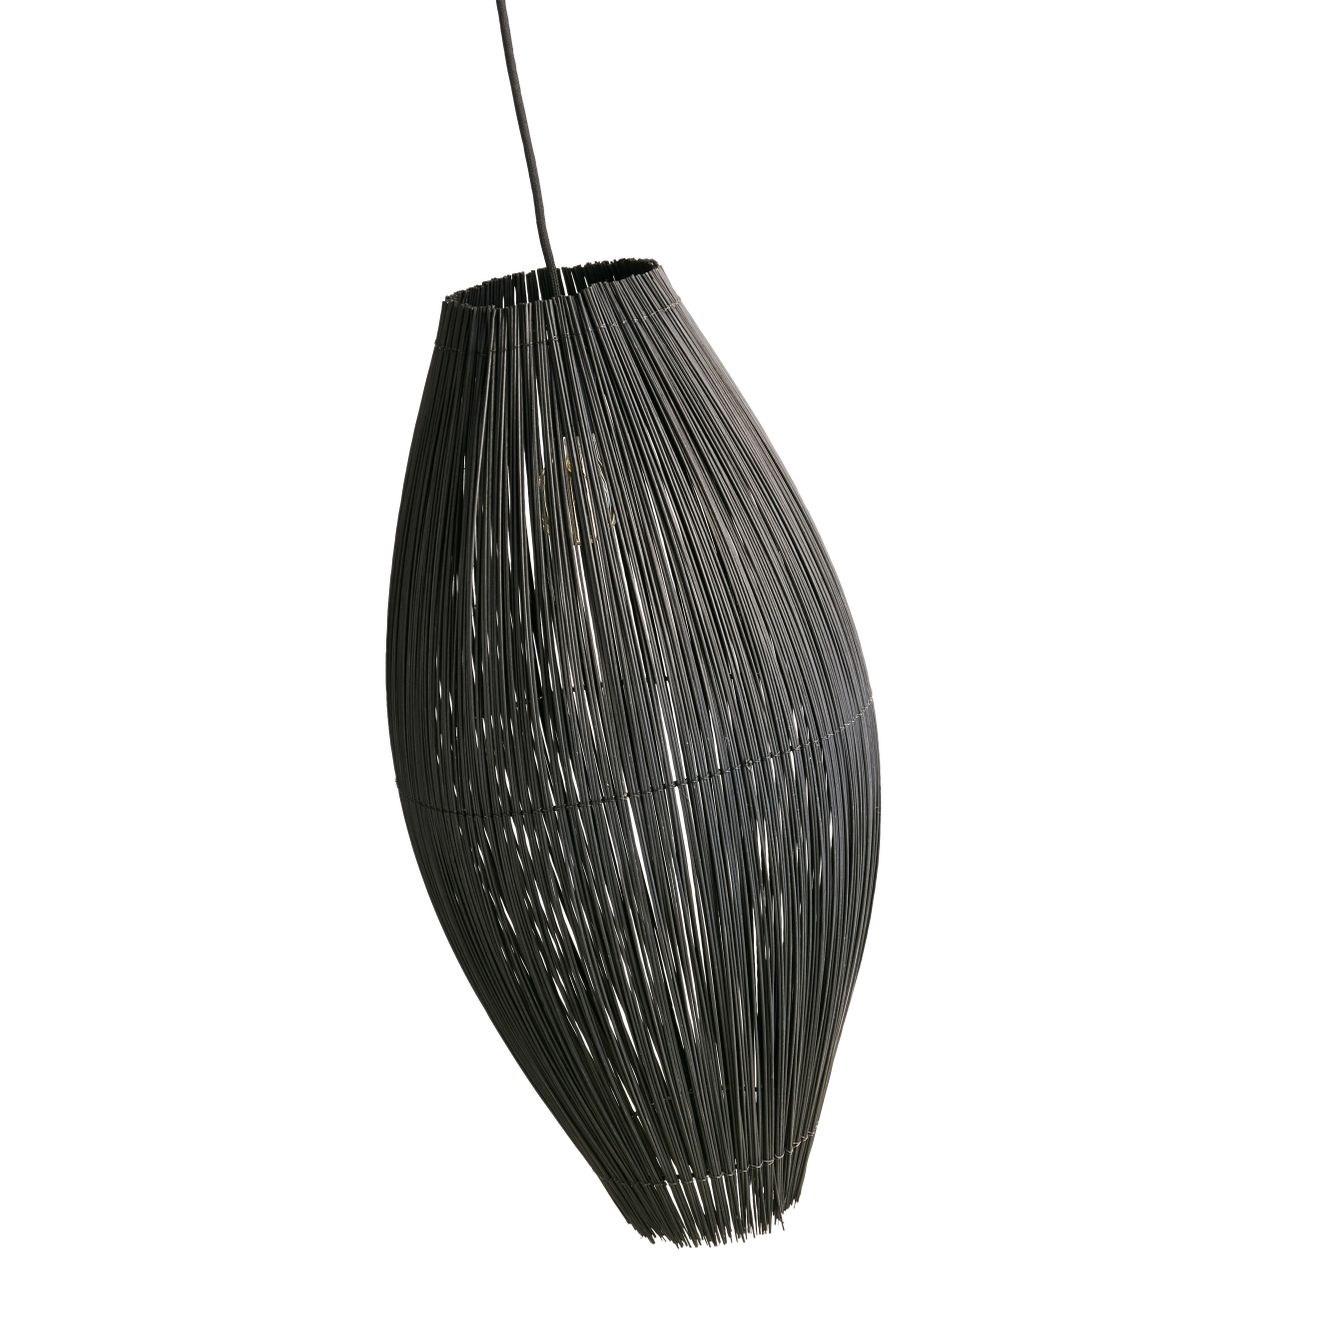 Lustr Fishtrap 66 cm černý_1